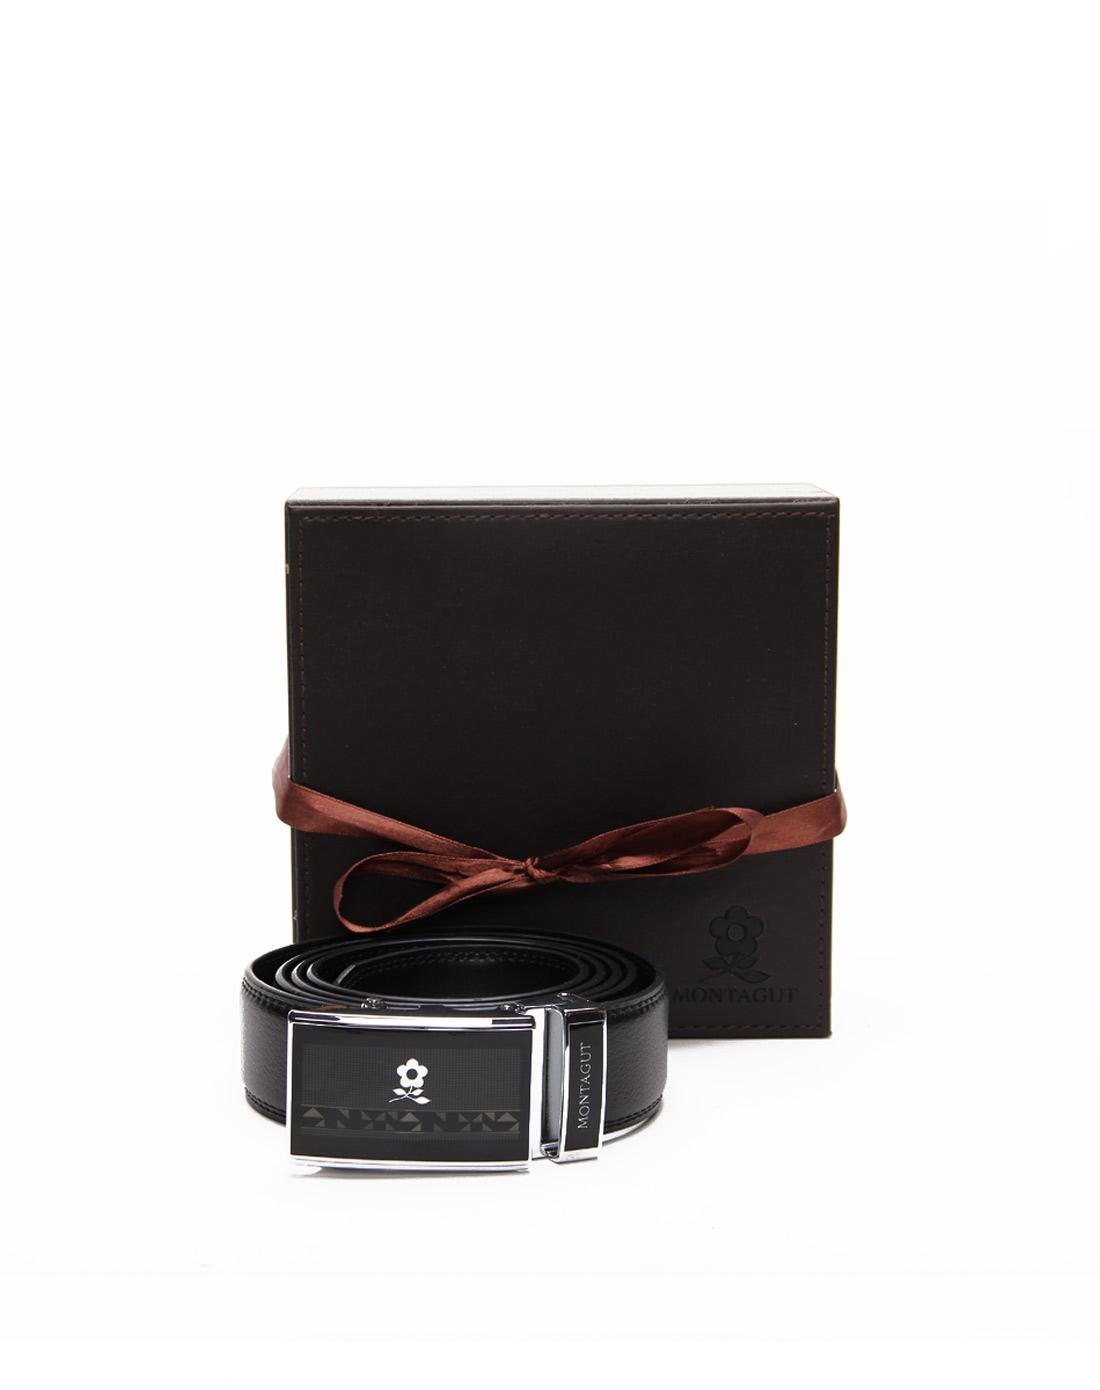 梦特娇montagut男款黑色传统商务皮腰带mfc31551201d